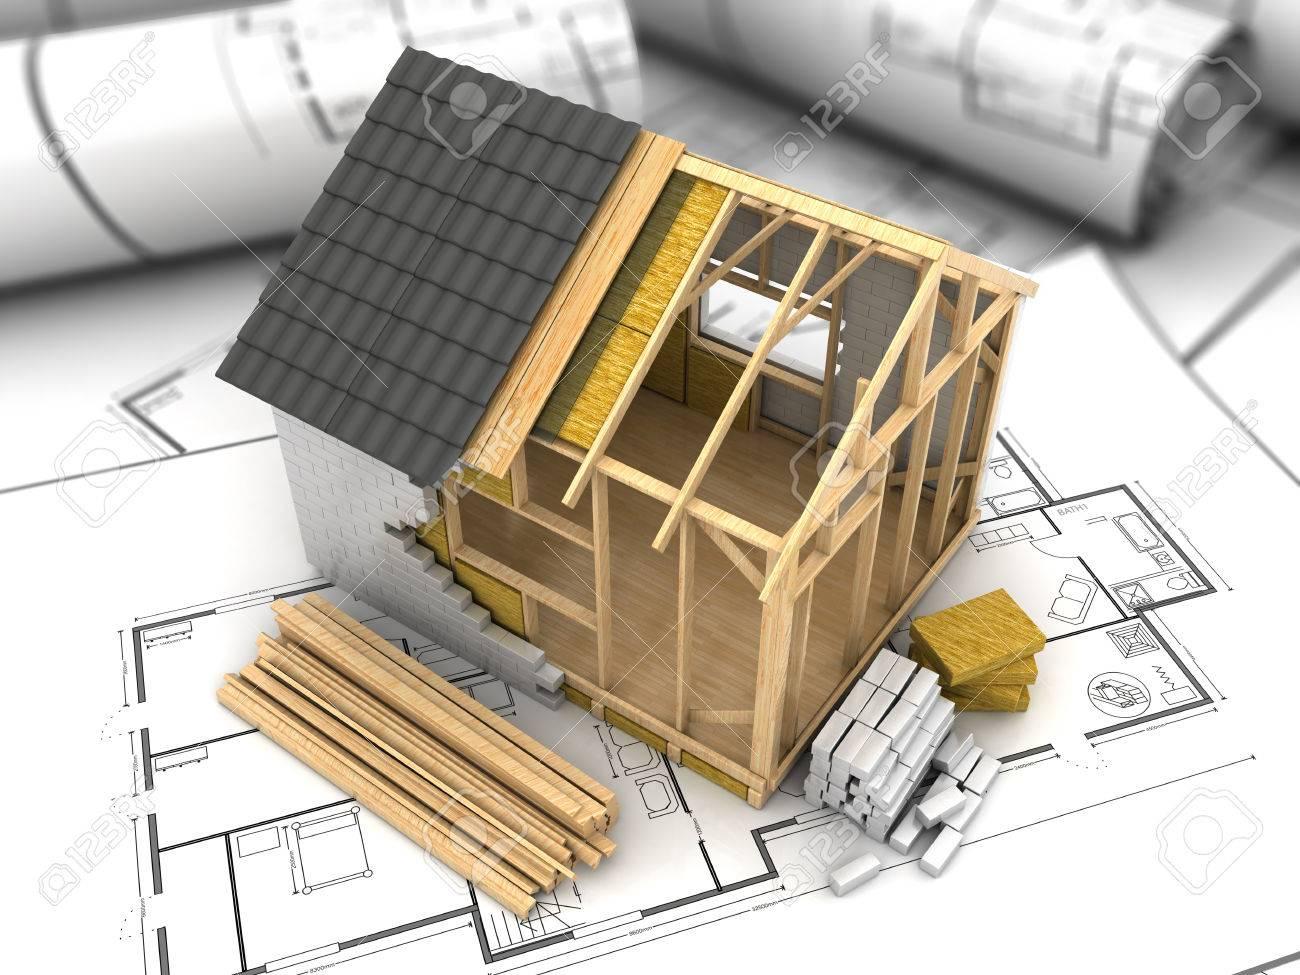 3d illustration of modern frame house project model - 40375460